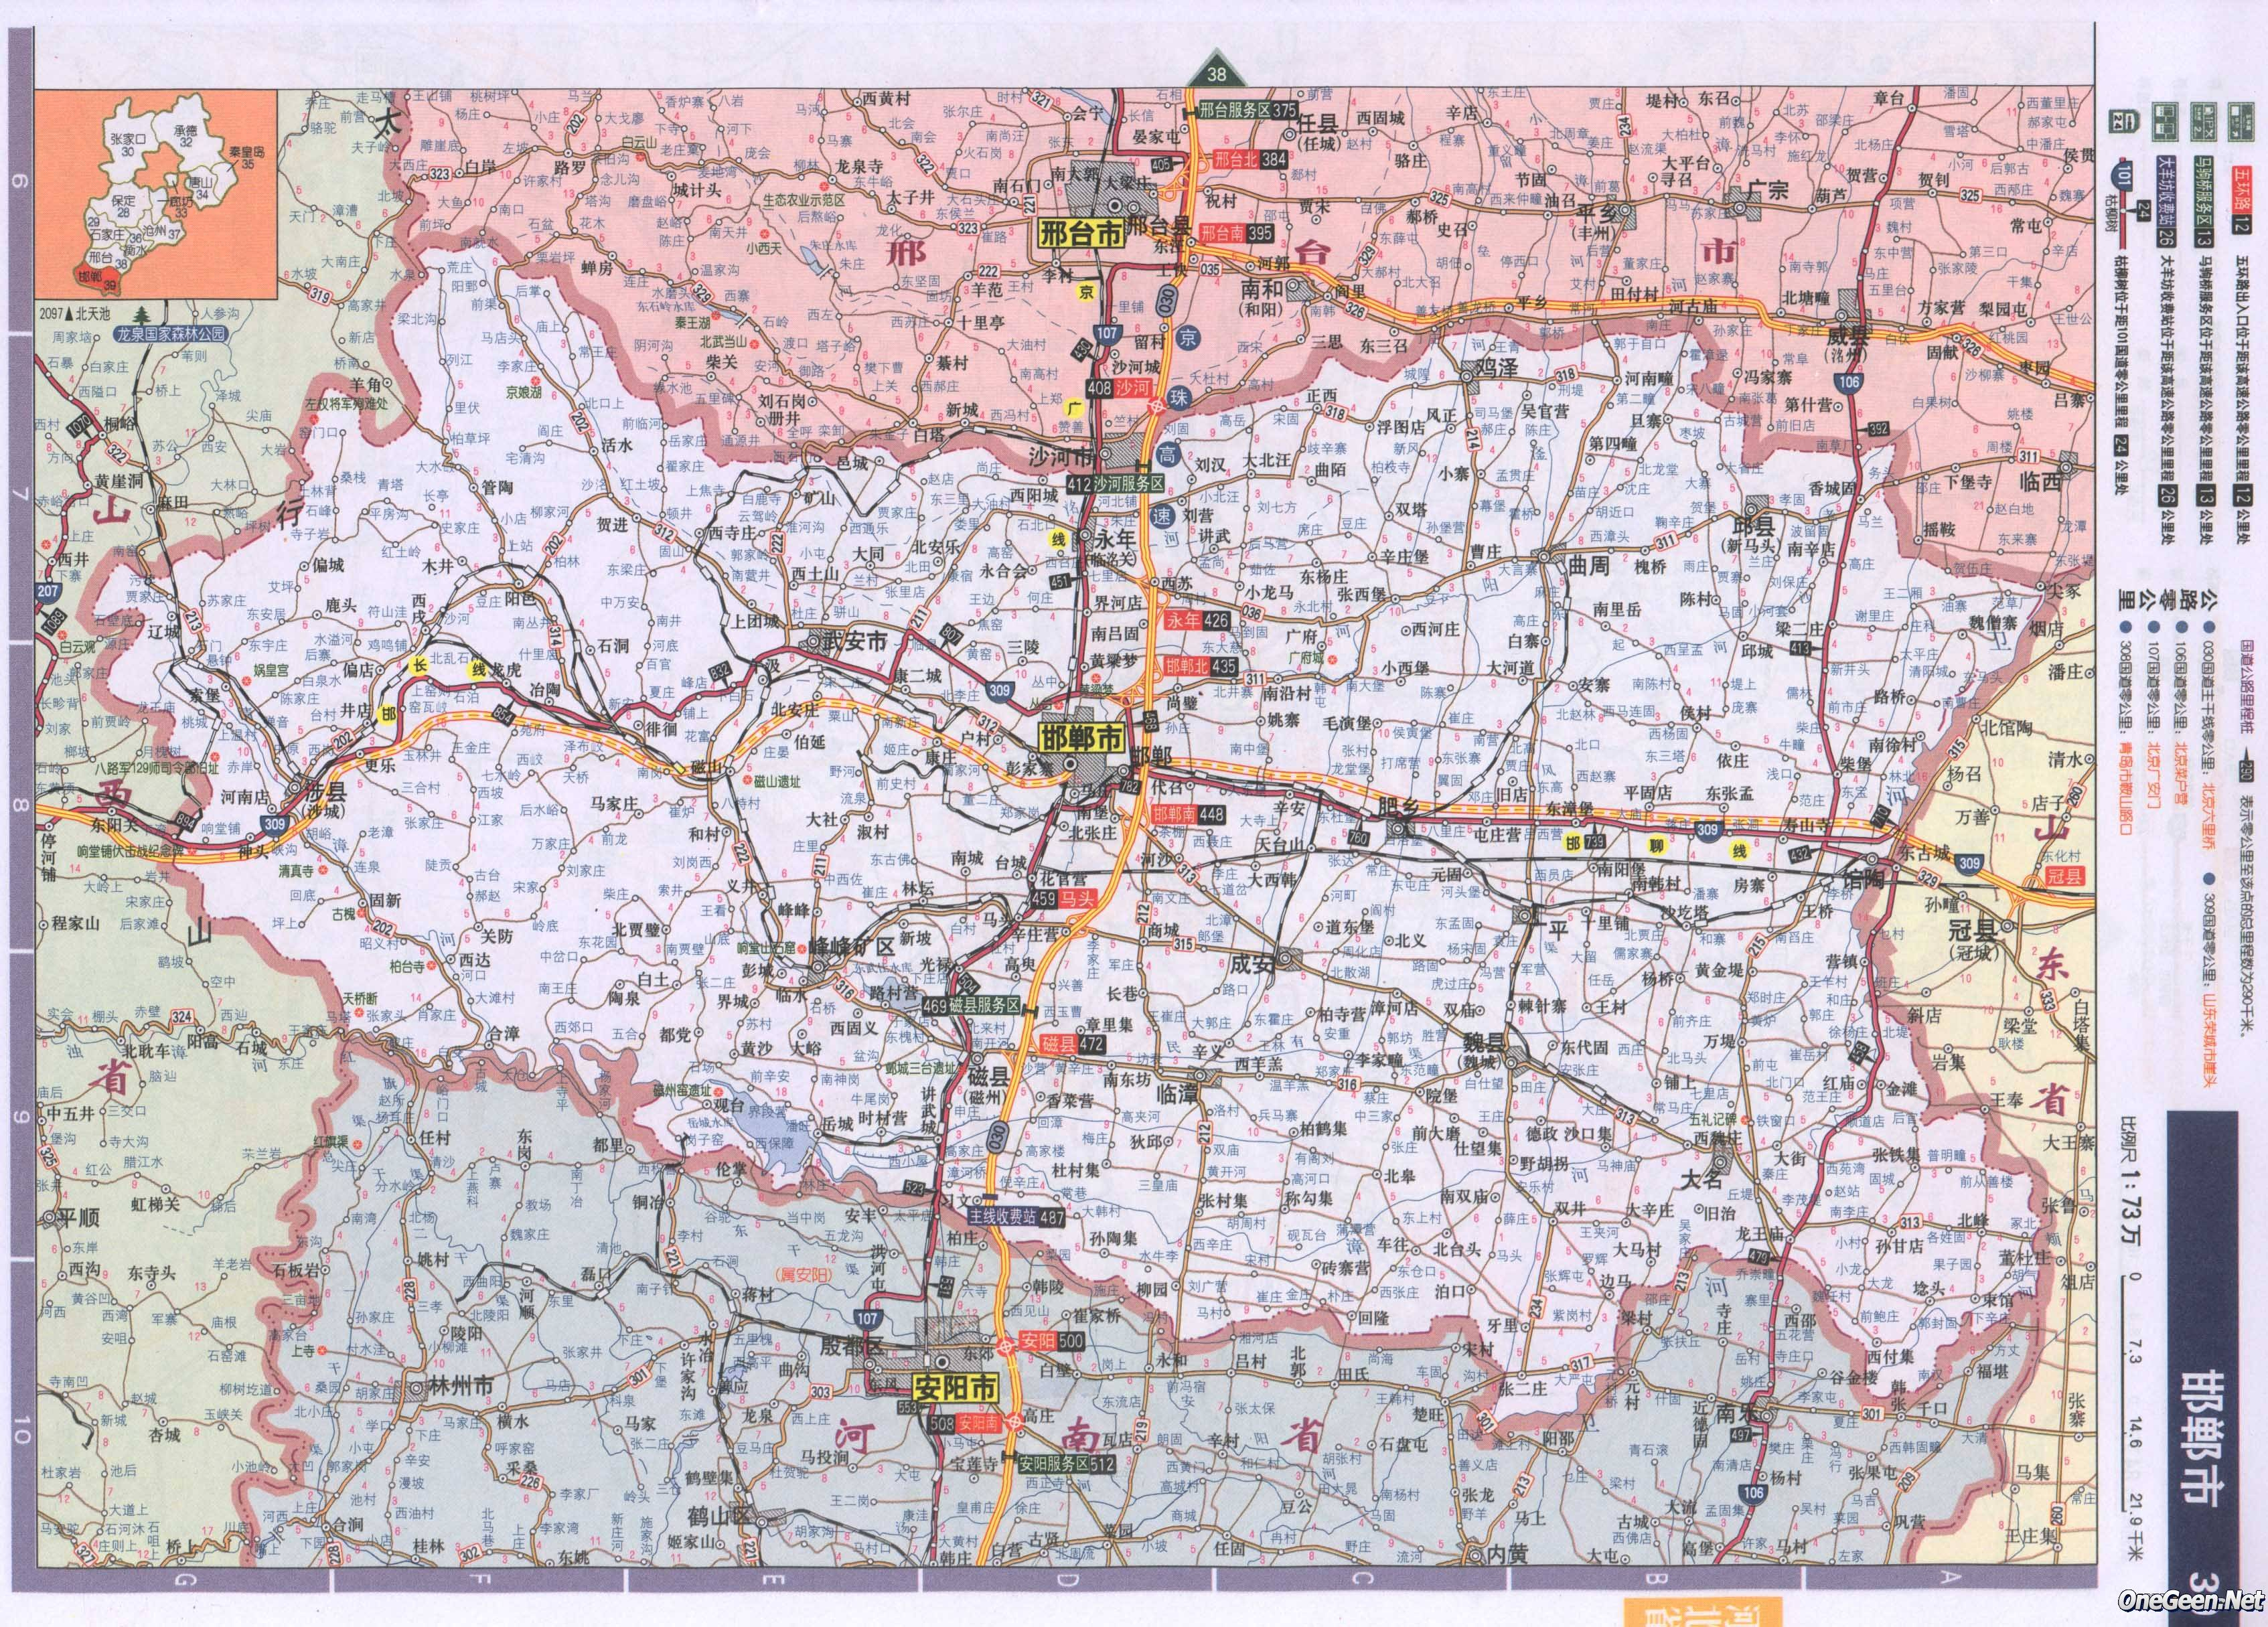 中国 公路网/河北省邯郸市公路交通地图